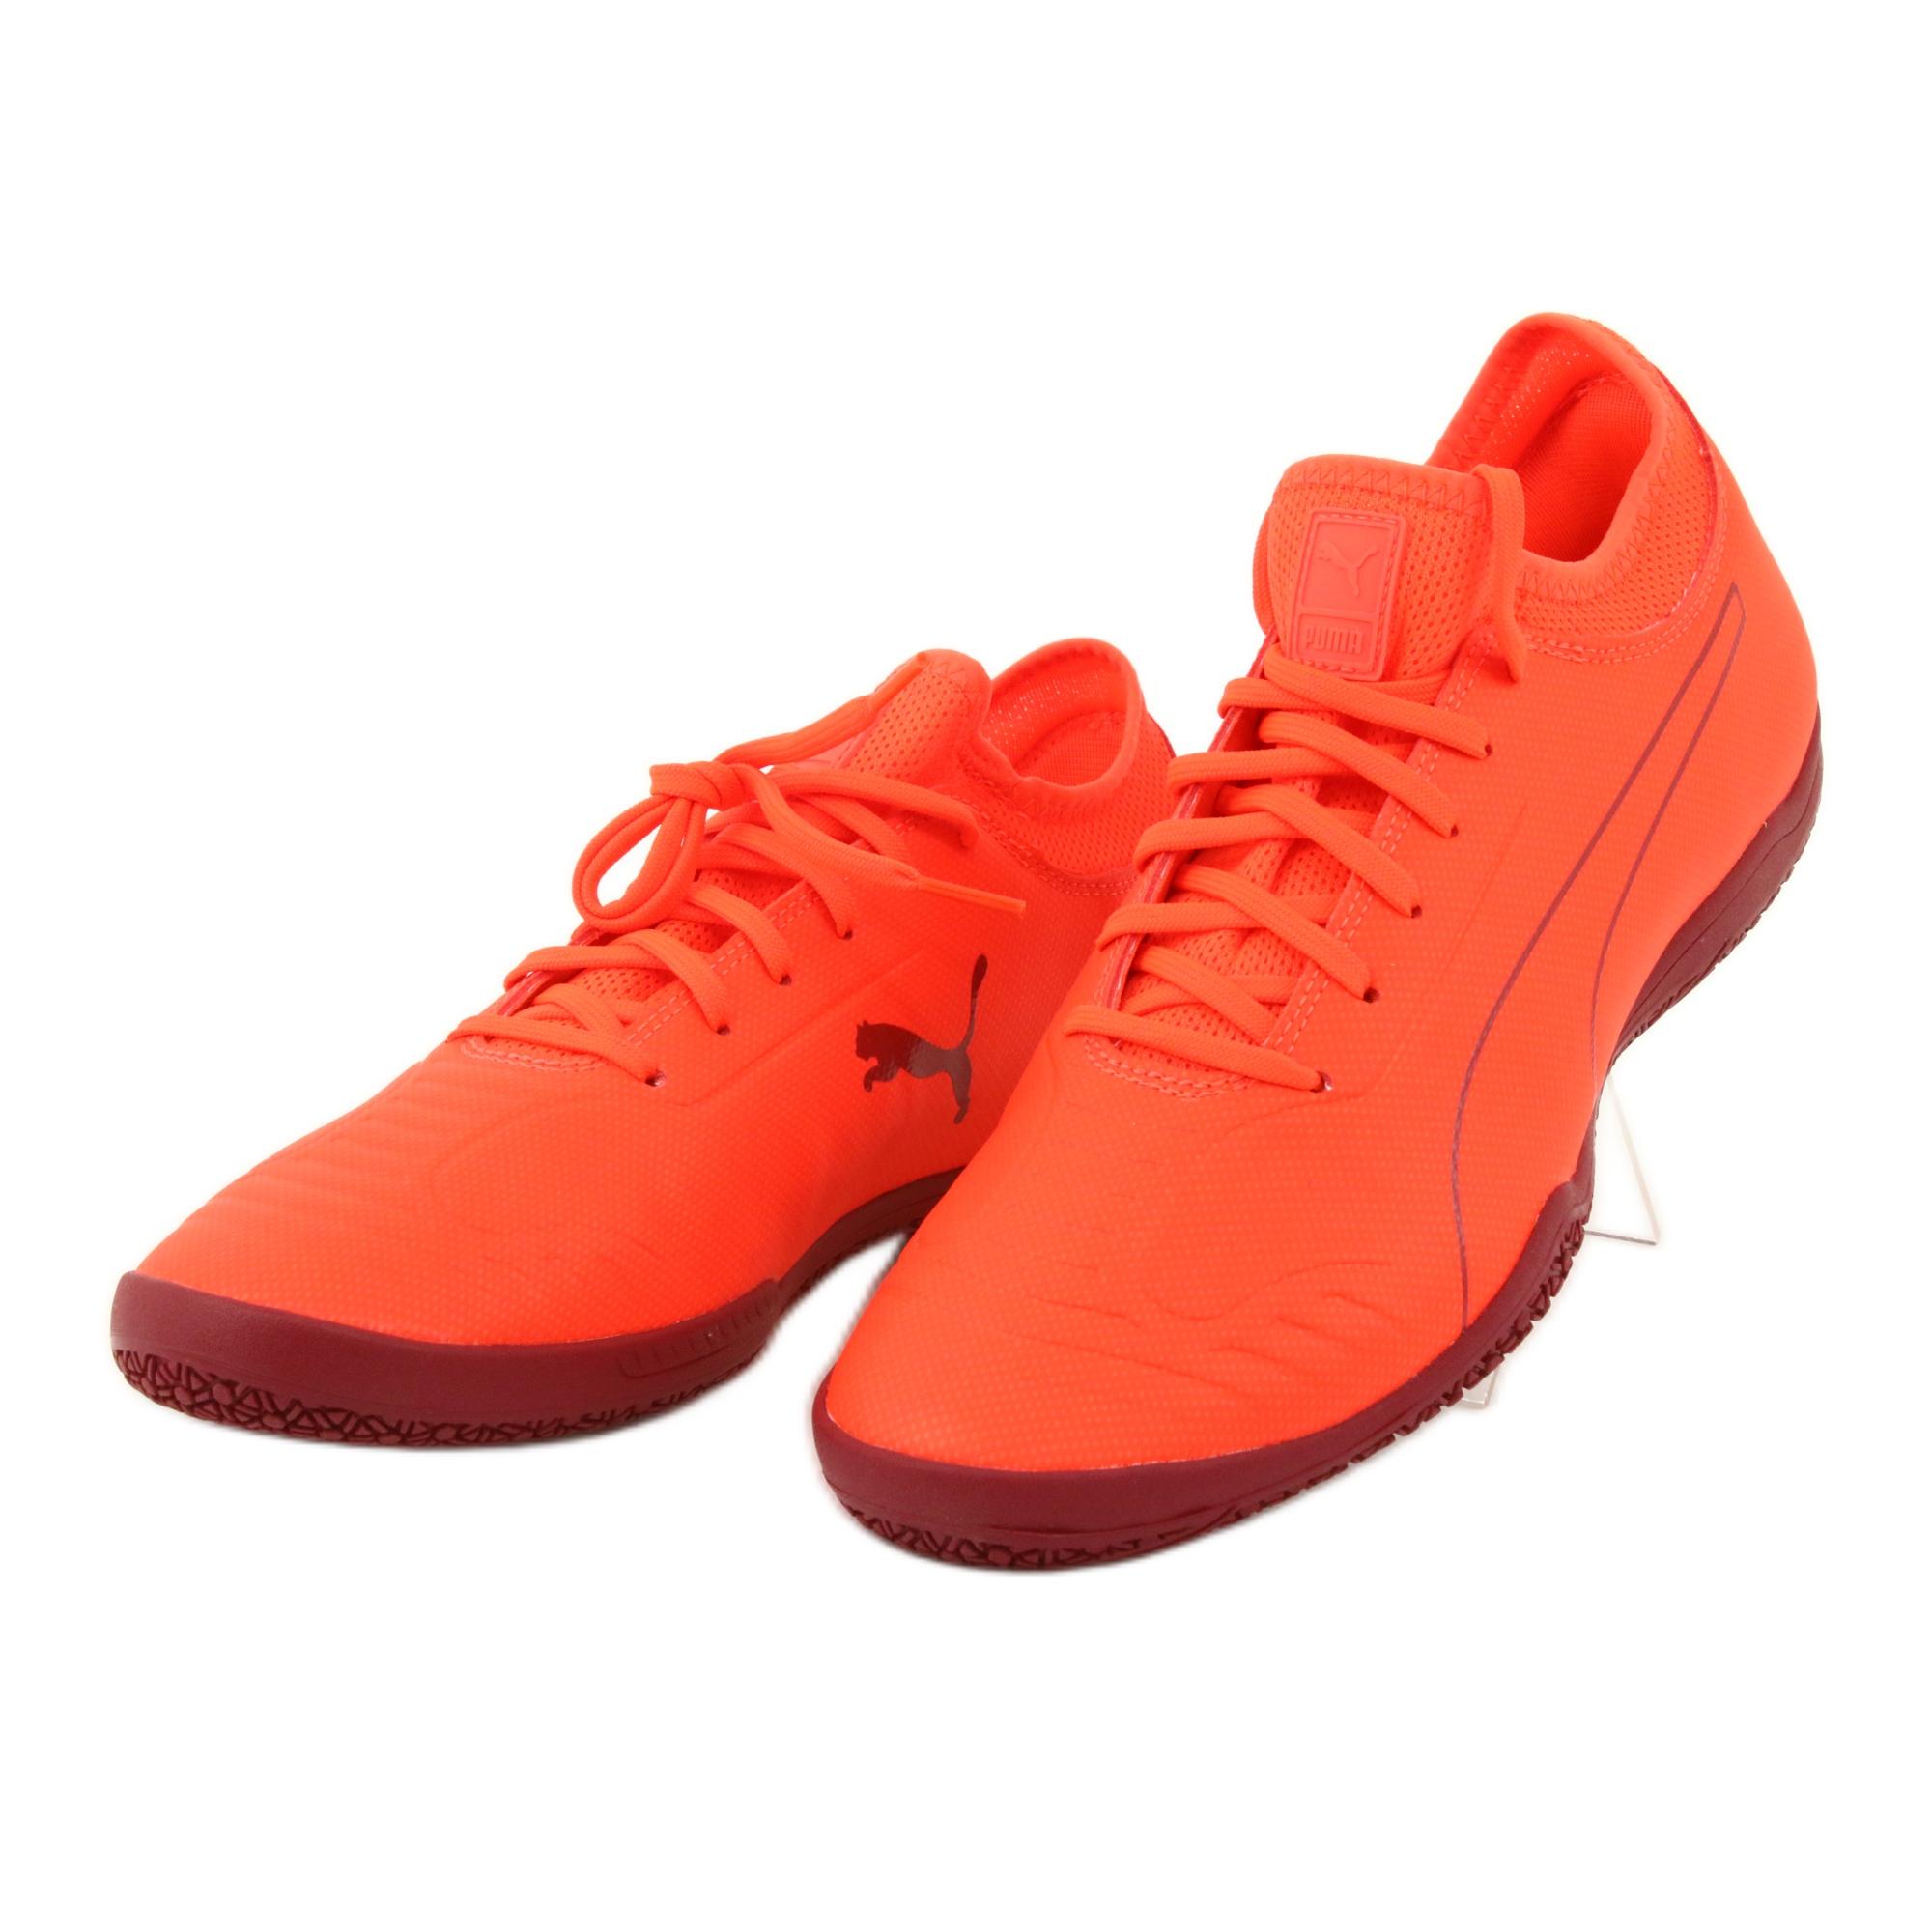 Buty halowe Puma 365 Sala 2 M 105758 02 pomaraczowe